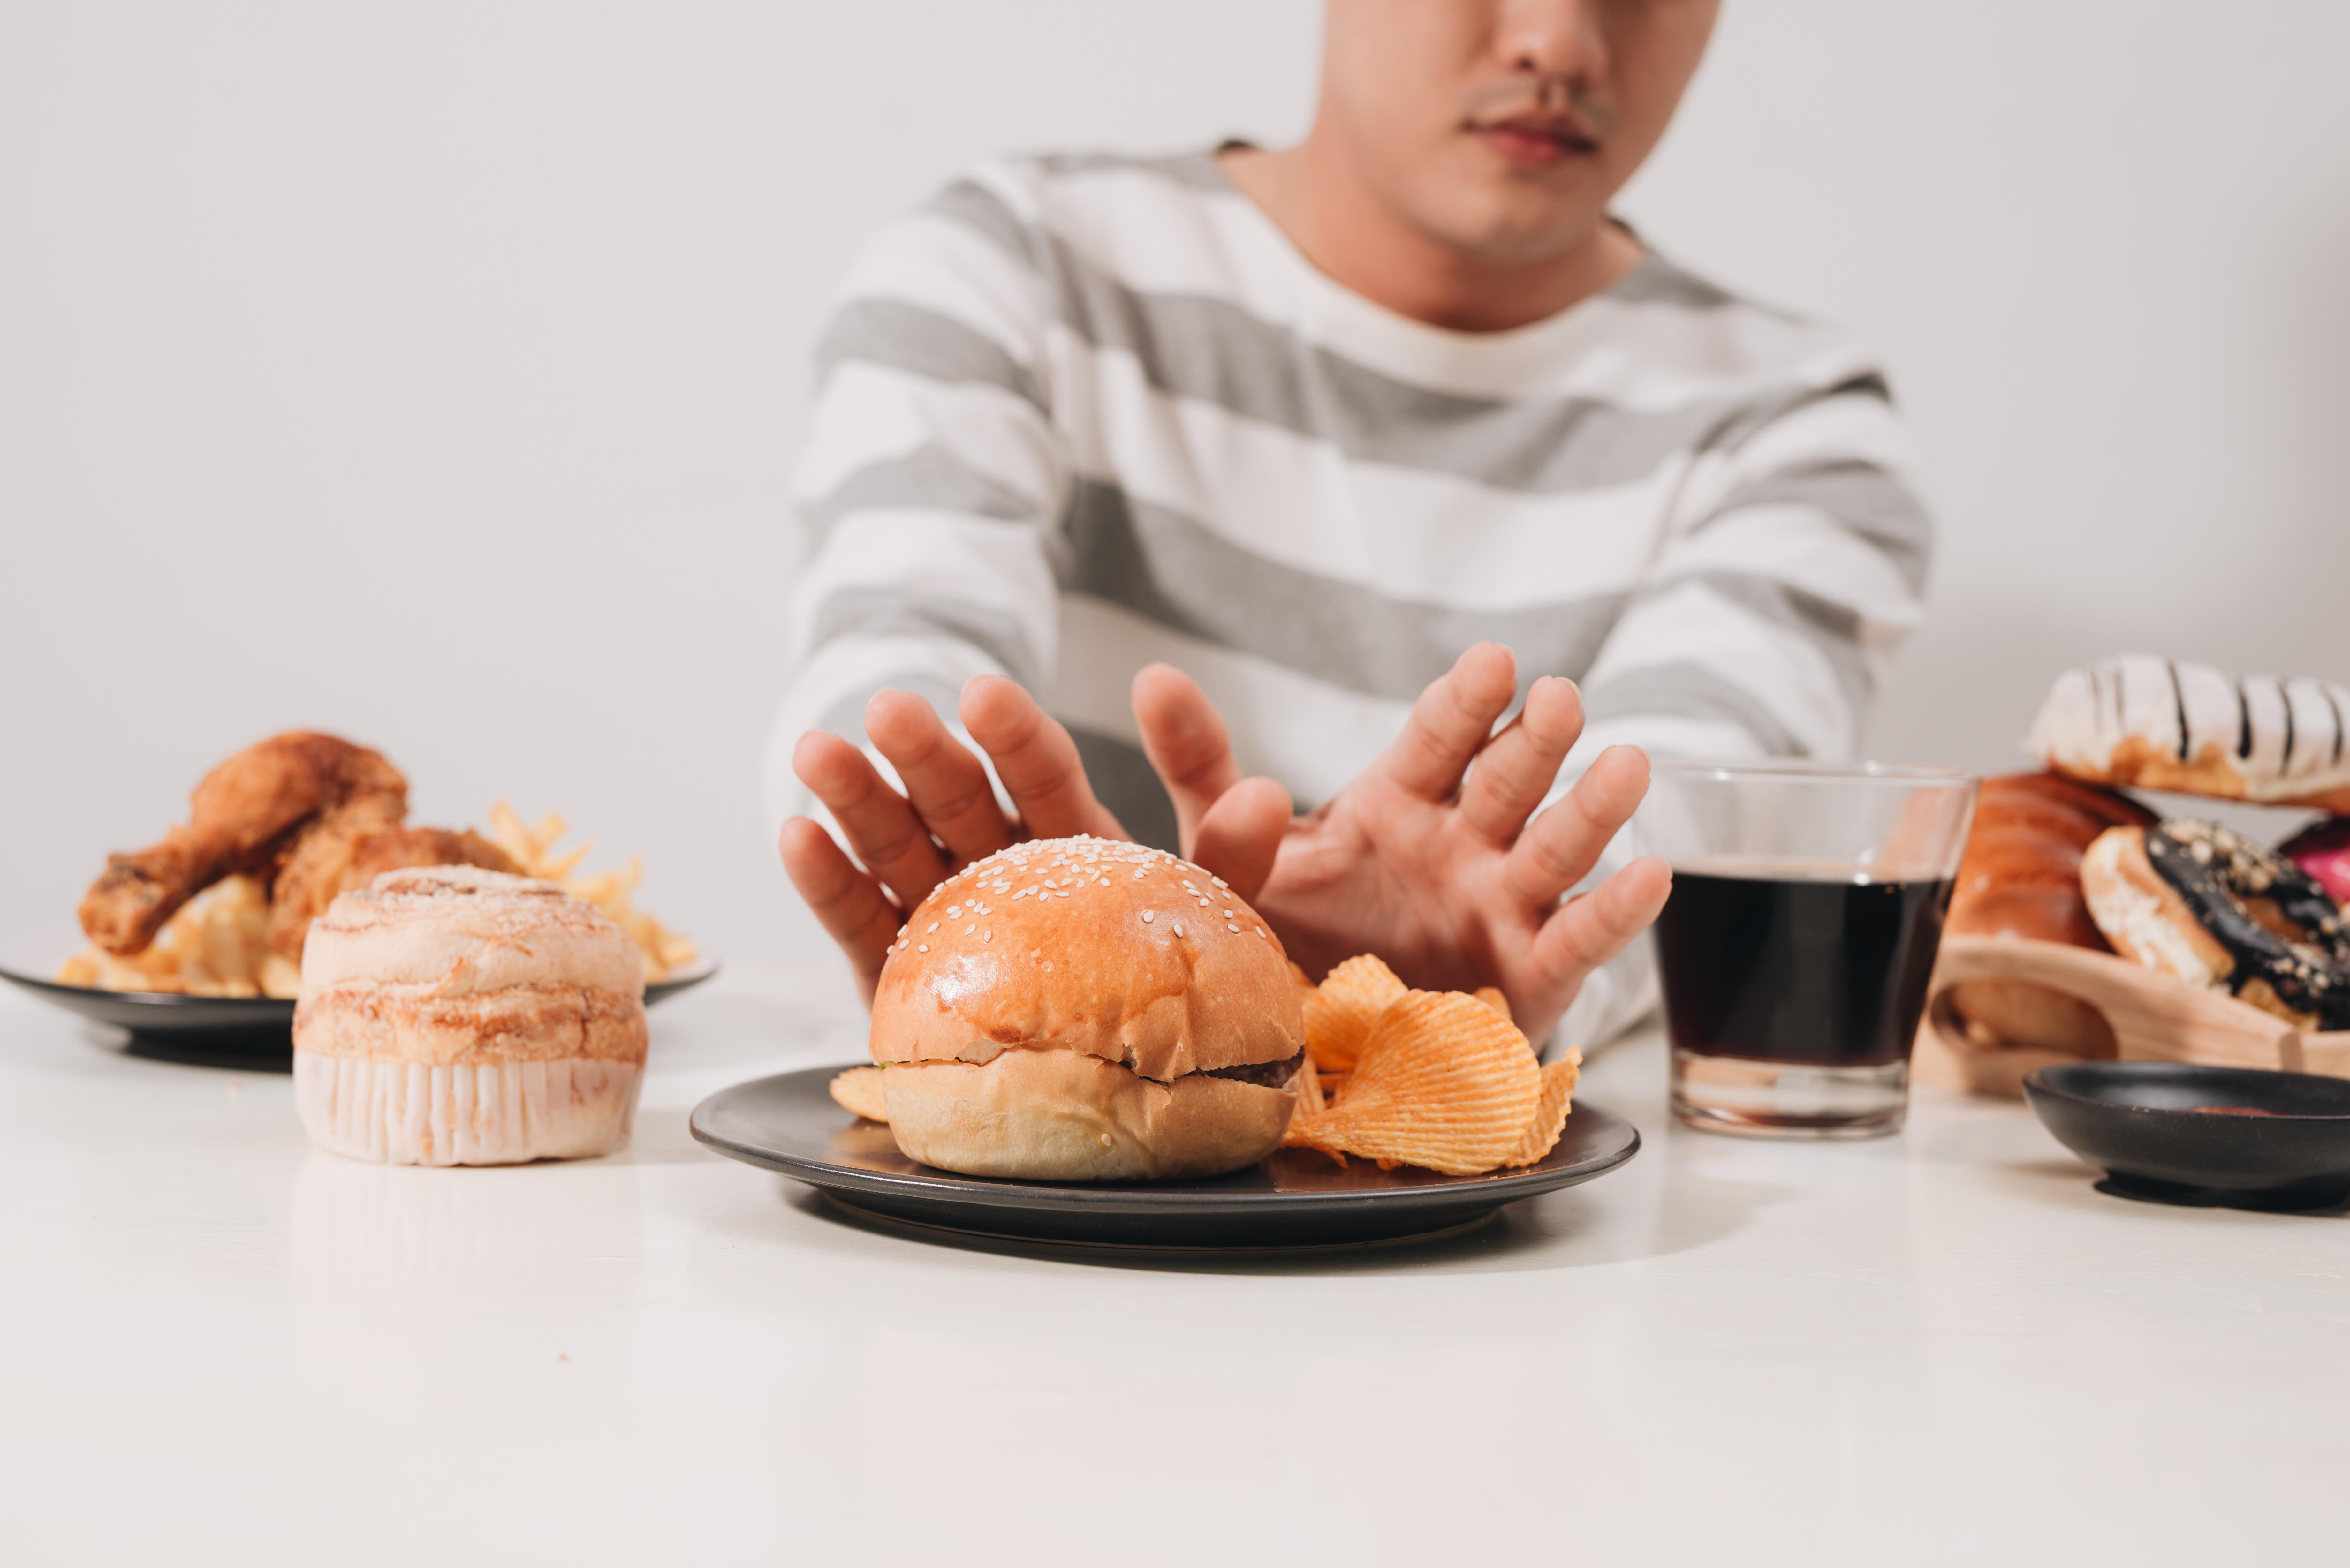 飲食不慎,獨愛生冷、甜食、黏膩食品易傷脾胃,而脾胃身為氣血生化的源頭